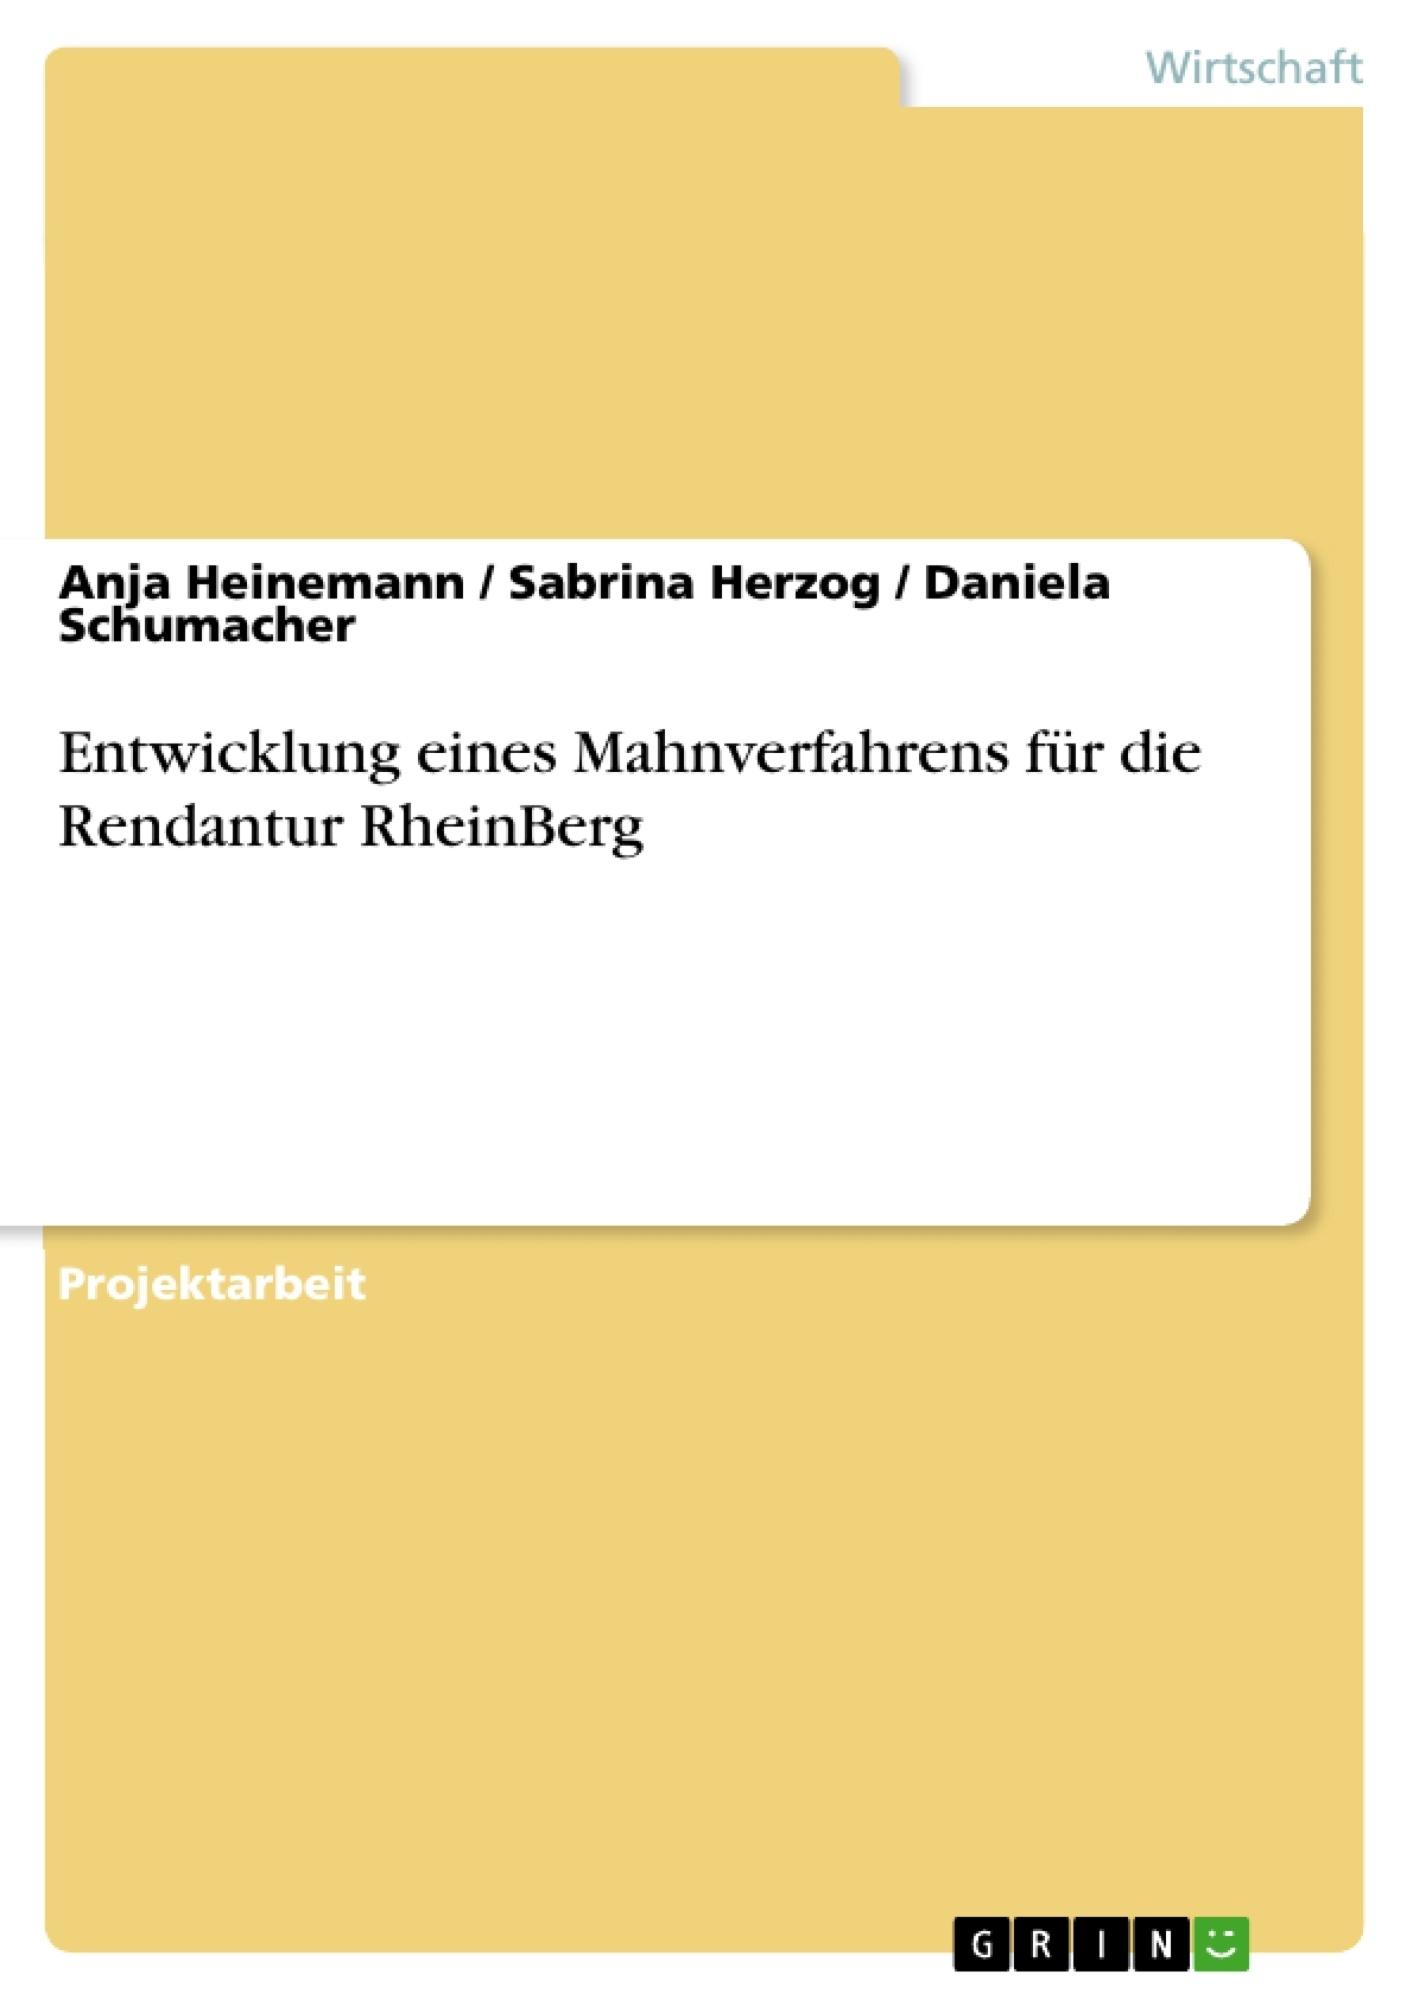 Titel: Entwicklung eines Mahnverfahrens für die Rendantur RheinBerg